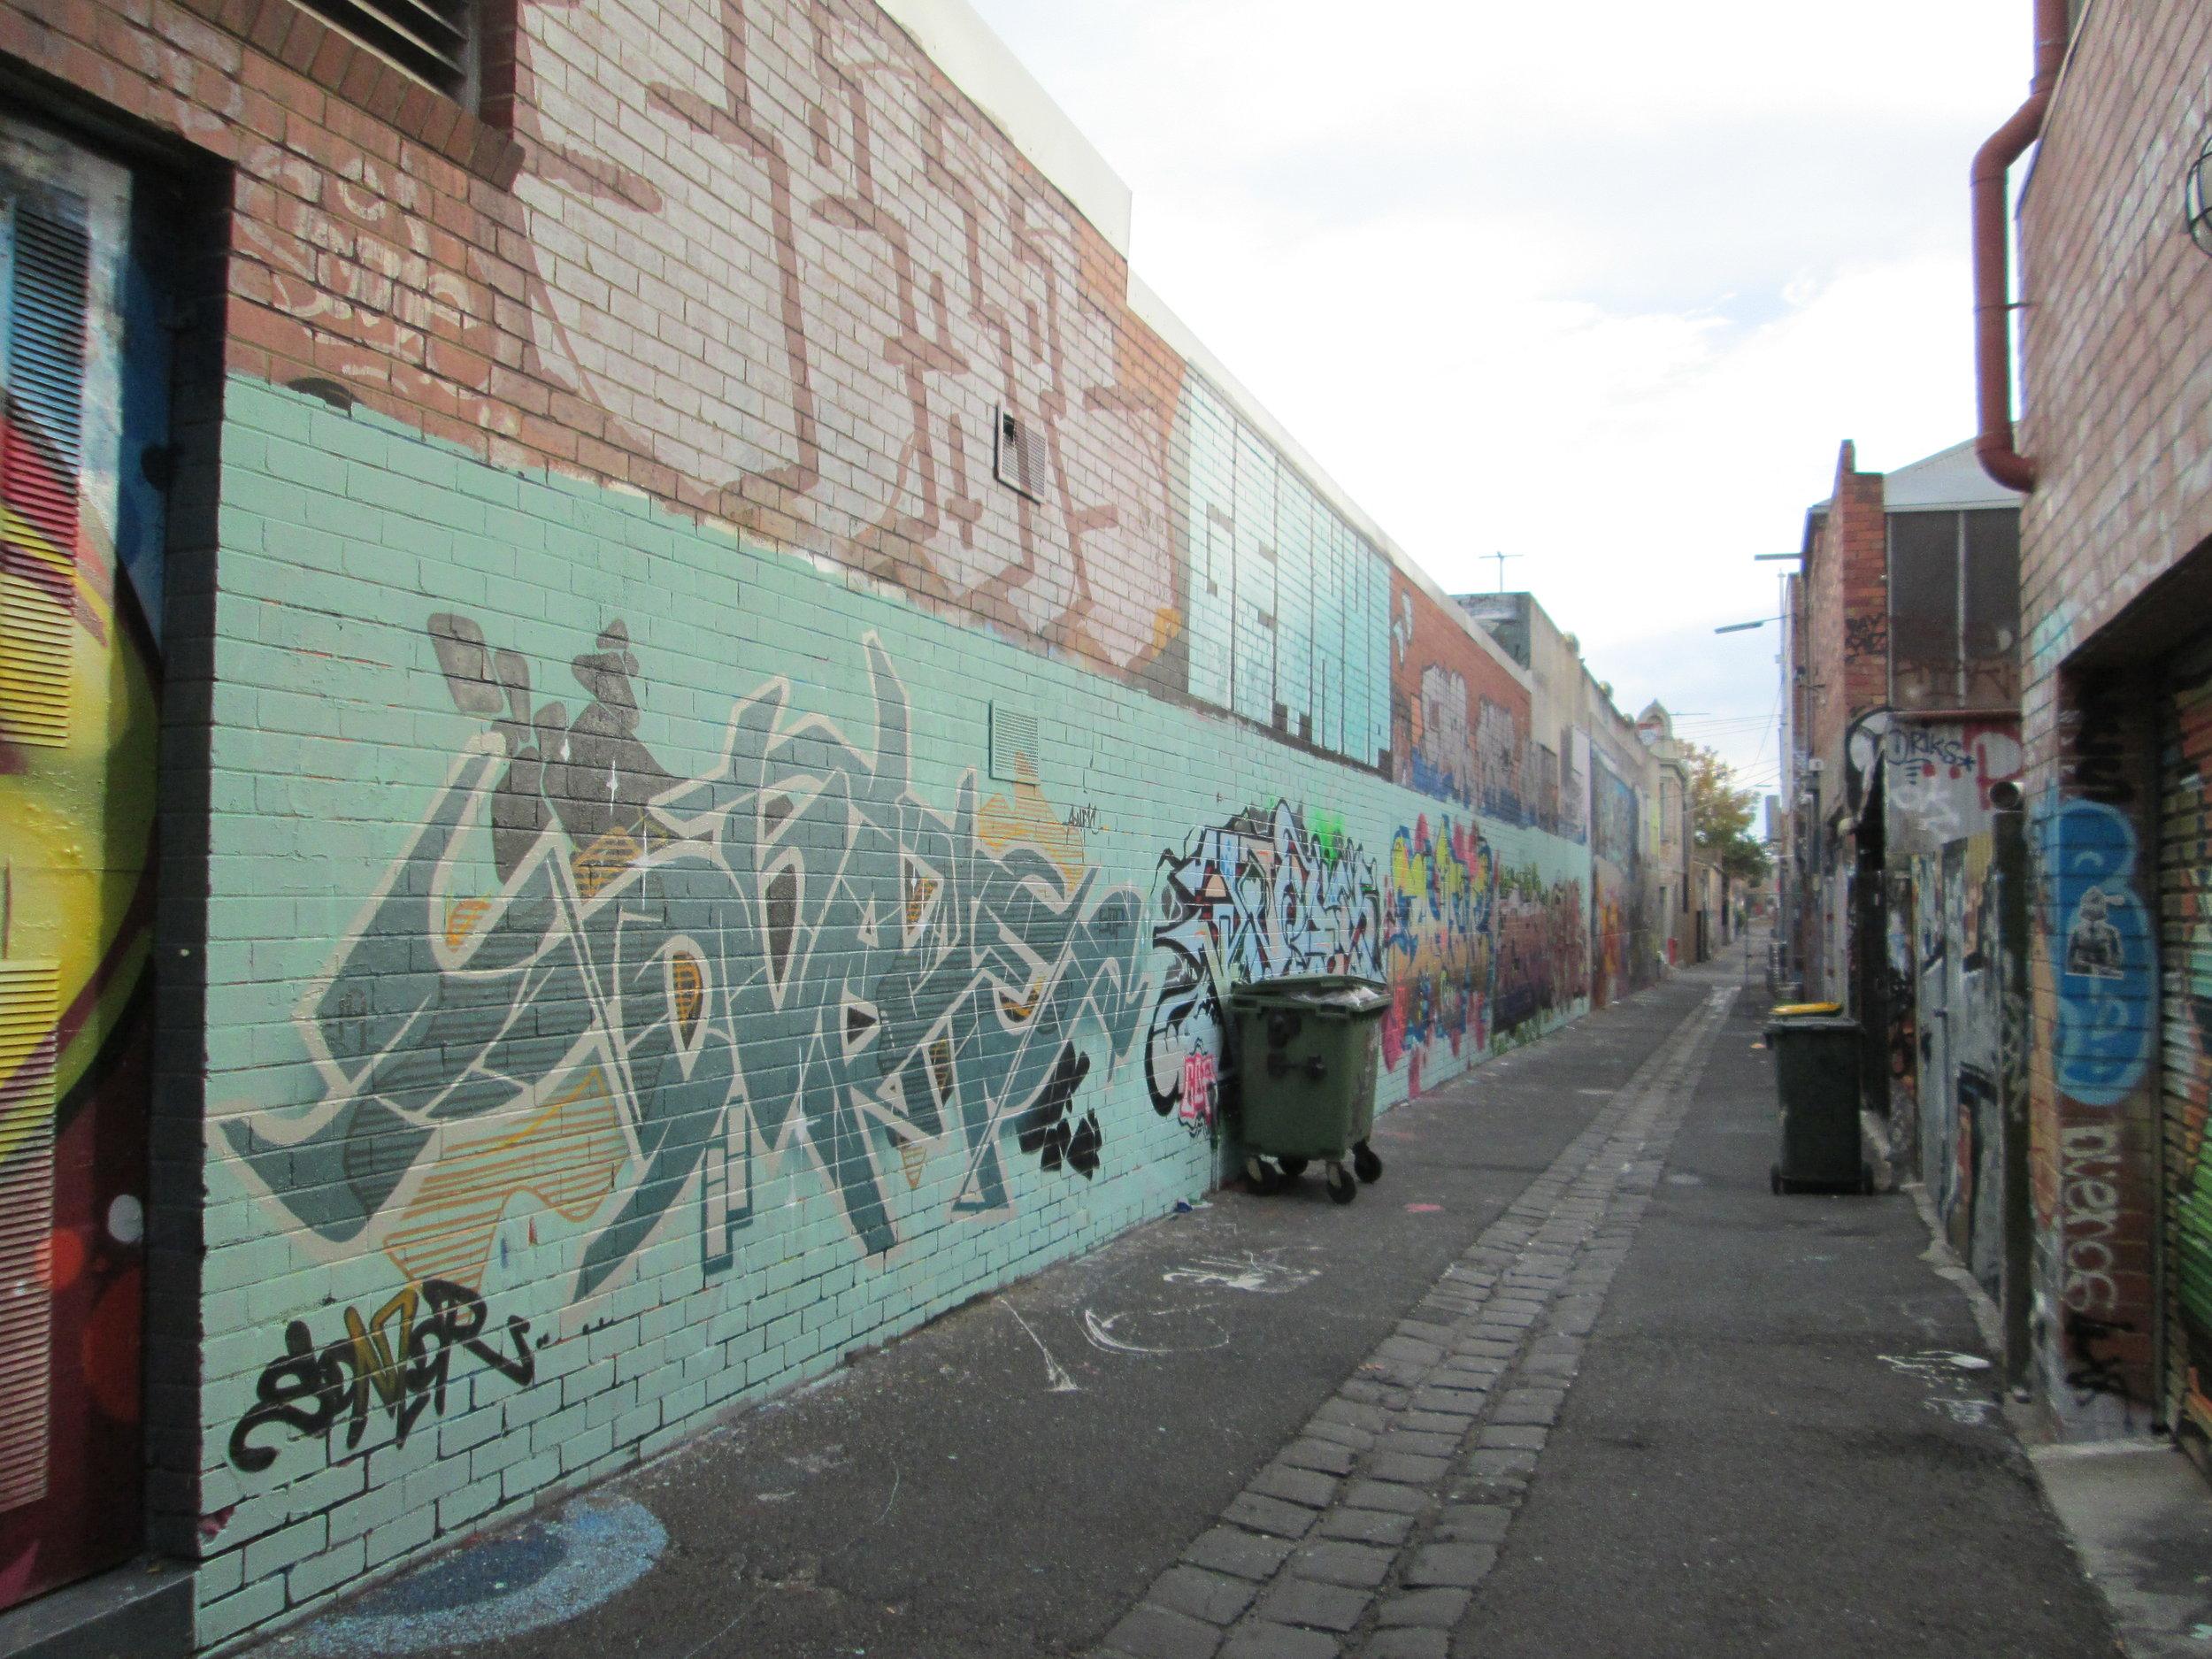 street-art-melbourne1.JPG